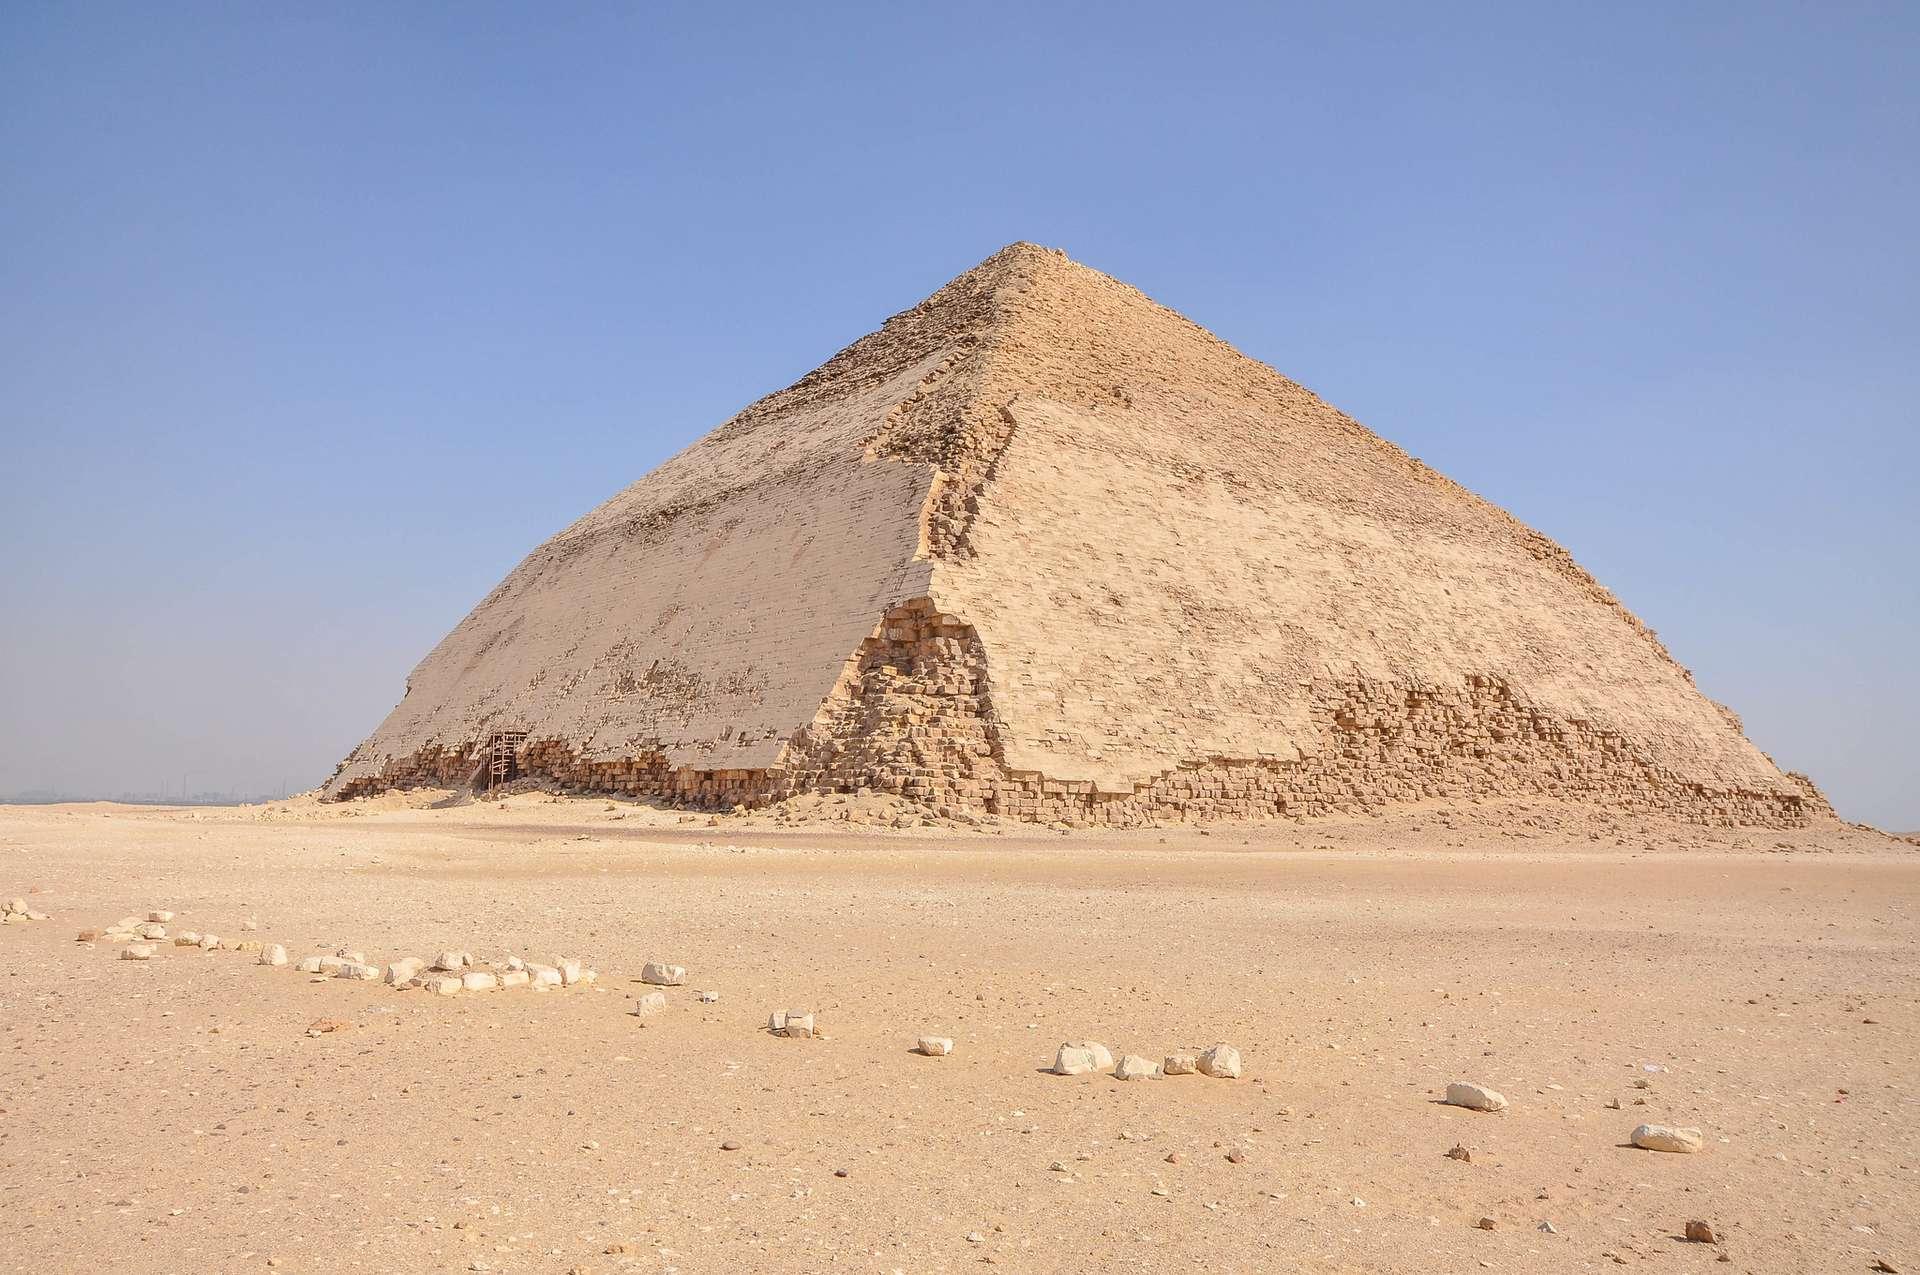 La pyramide rhomboïdale de Snéfrou est ouverte au public depuis le 13 juillet 2019. © Jorge Láscar, Flickr